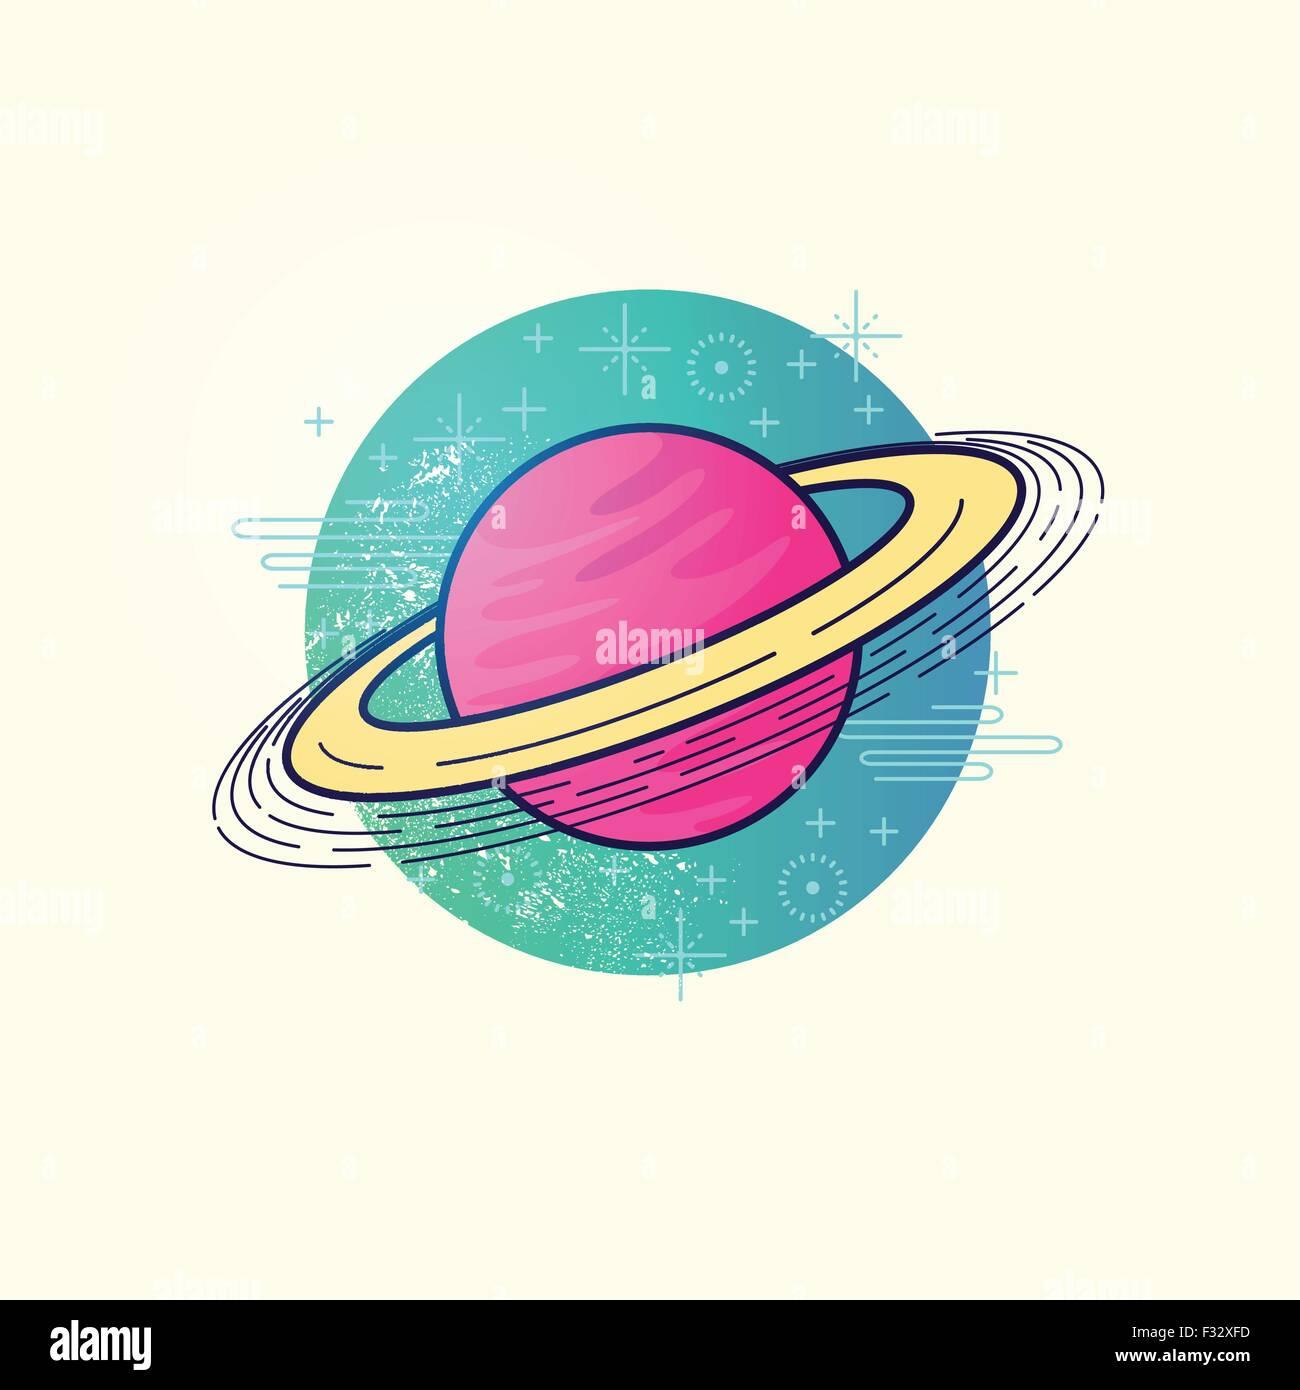 Pianeta spazio vettoriale. Un grande pianeta gassoso con un sistema ad anello. illustrazione vettoriale Immagini Stock